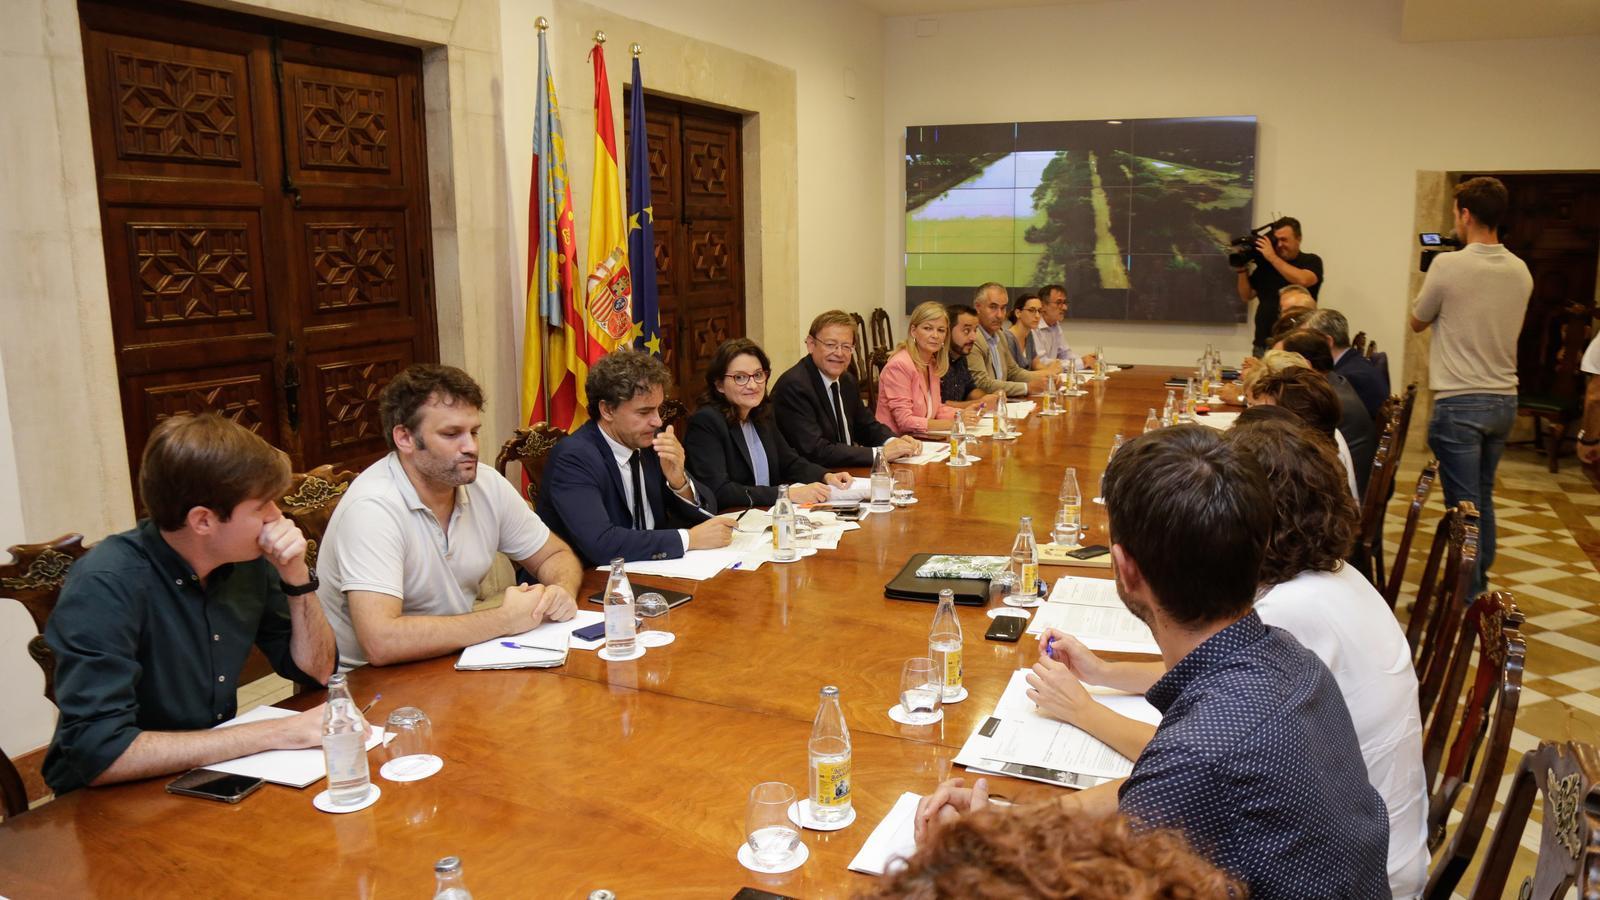 https://www.ara.cat/paisvalencia/valencia-impacte-economic-temporal-milions_0_2310369150.html